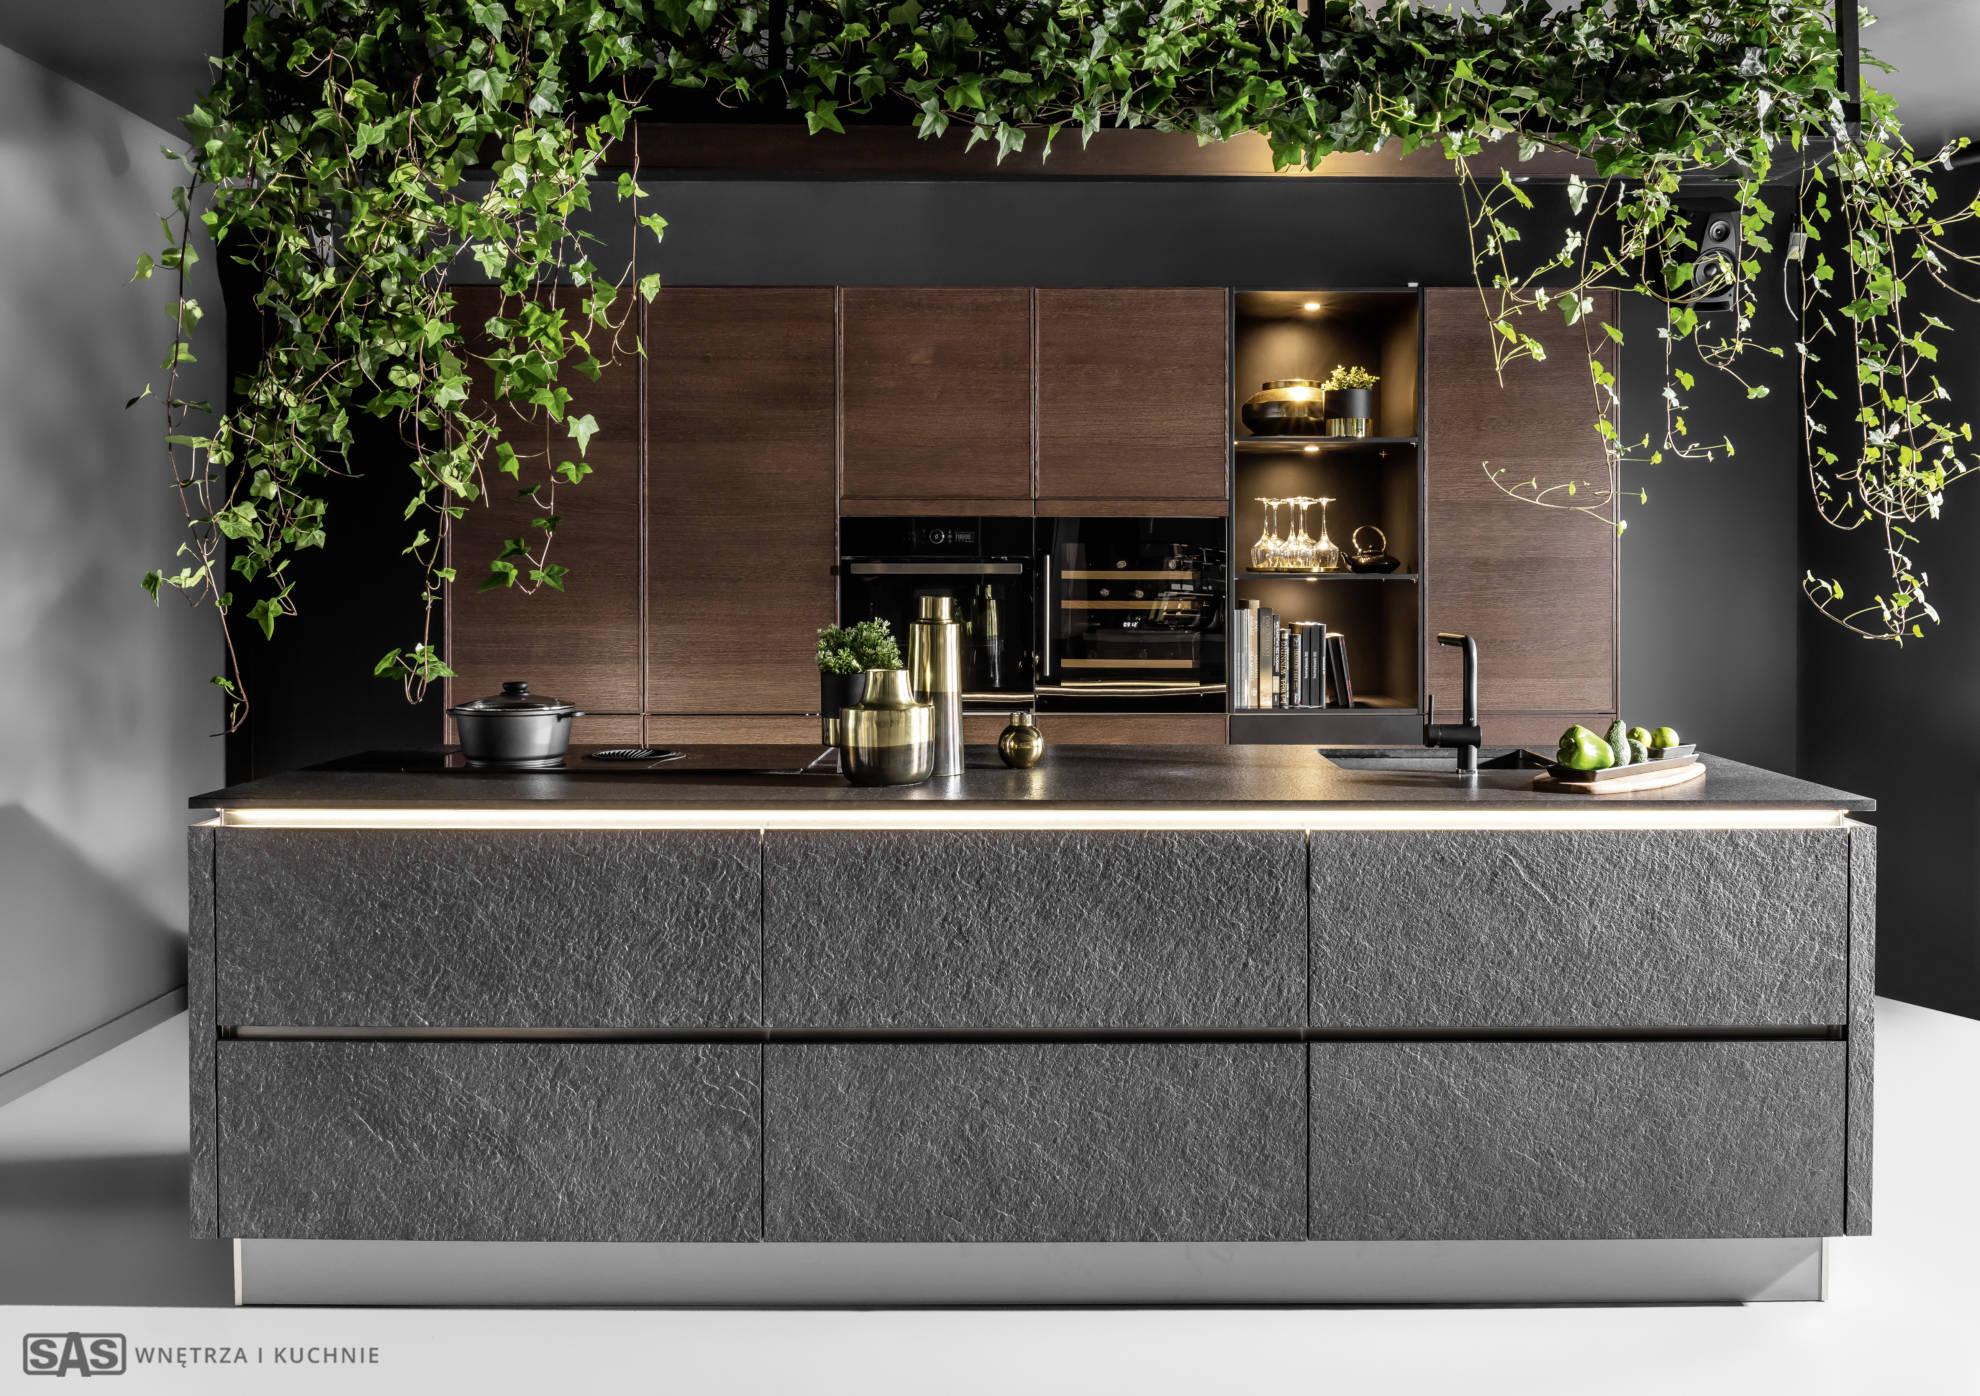 Meble kuchenne Black Star - oferta SAS Wnętrza i Kuchnia, projekt architekt wnętrz Emilia Strzempek Plasun.